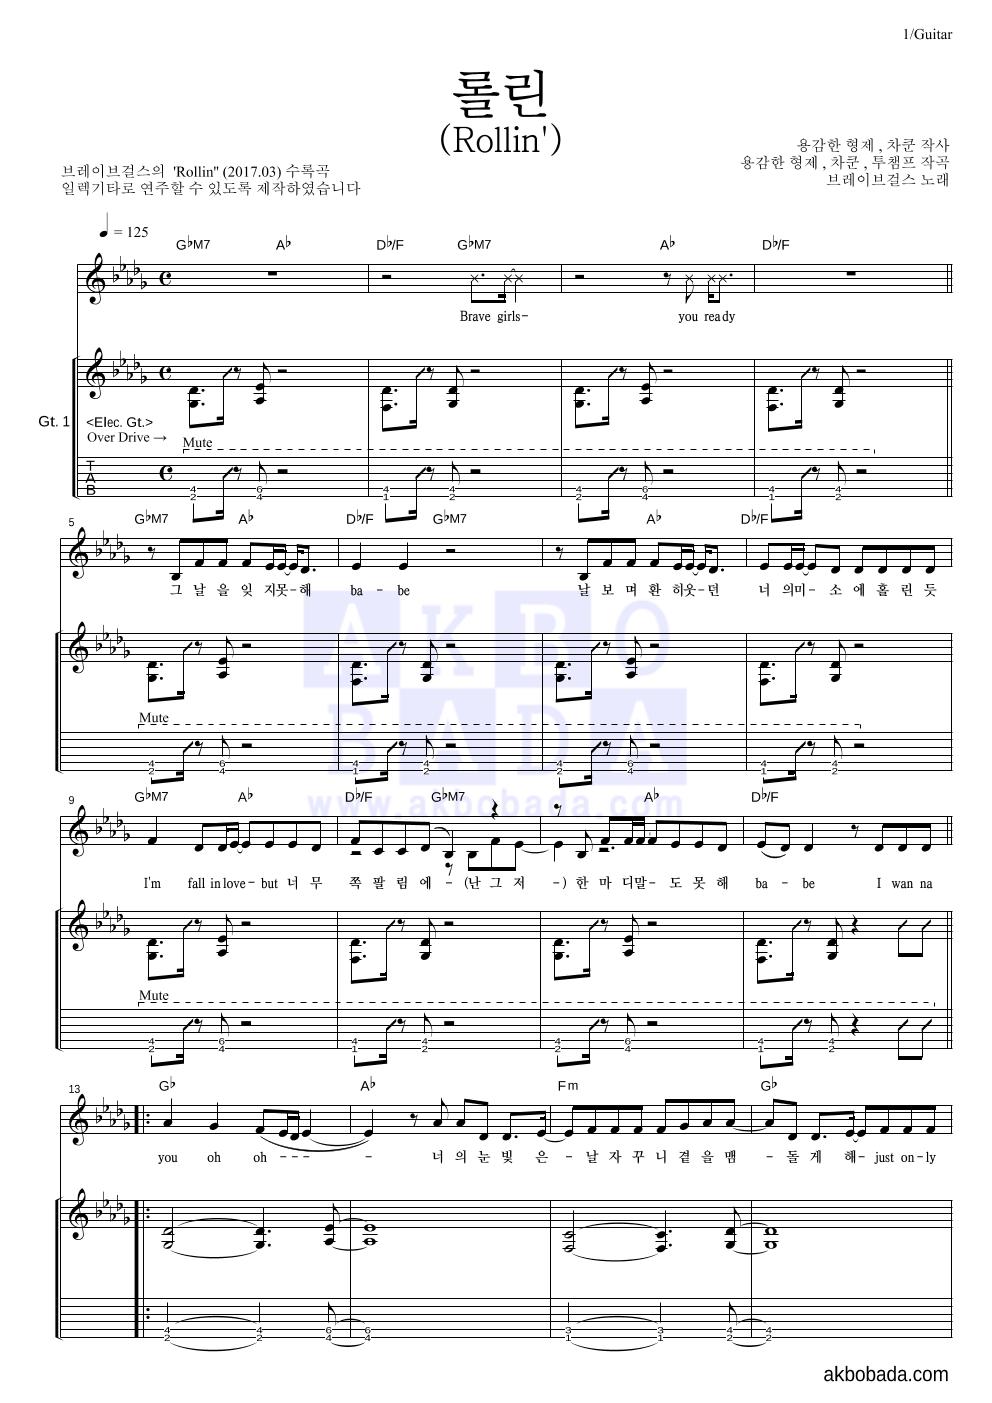 브레이브 걸스 - 롤린 (Rollin') 기타 악보